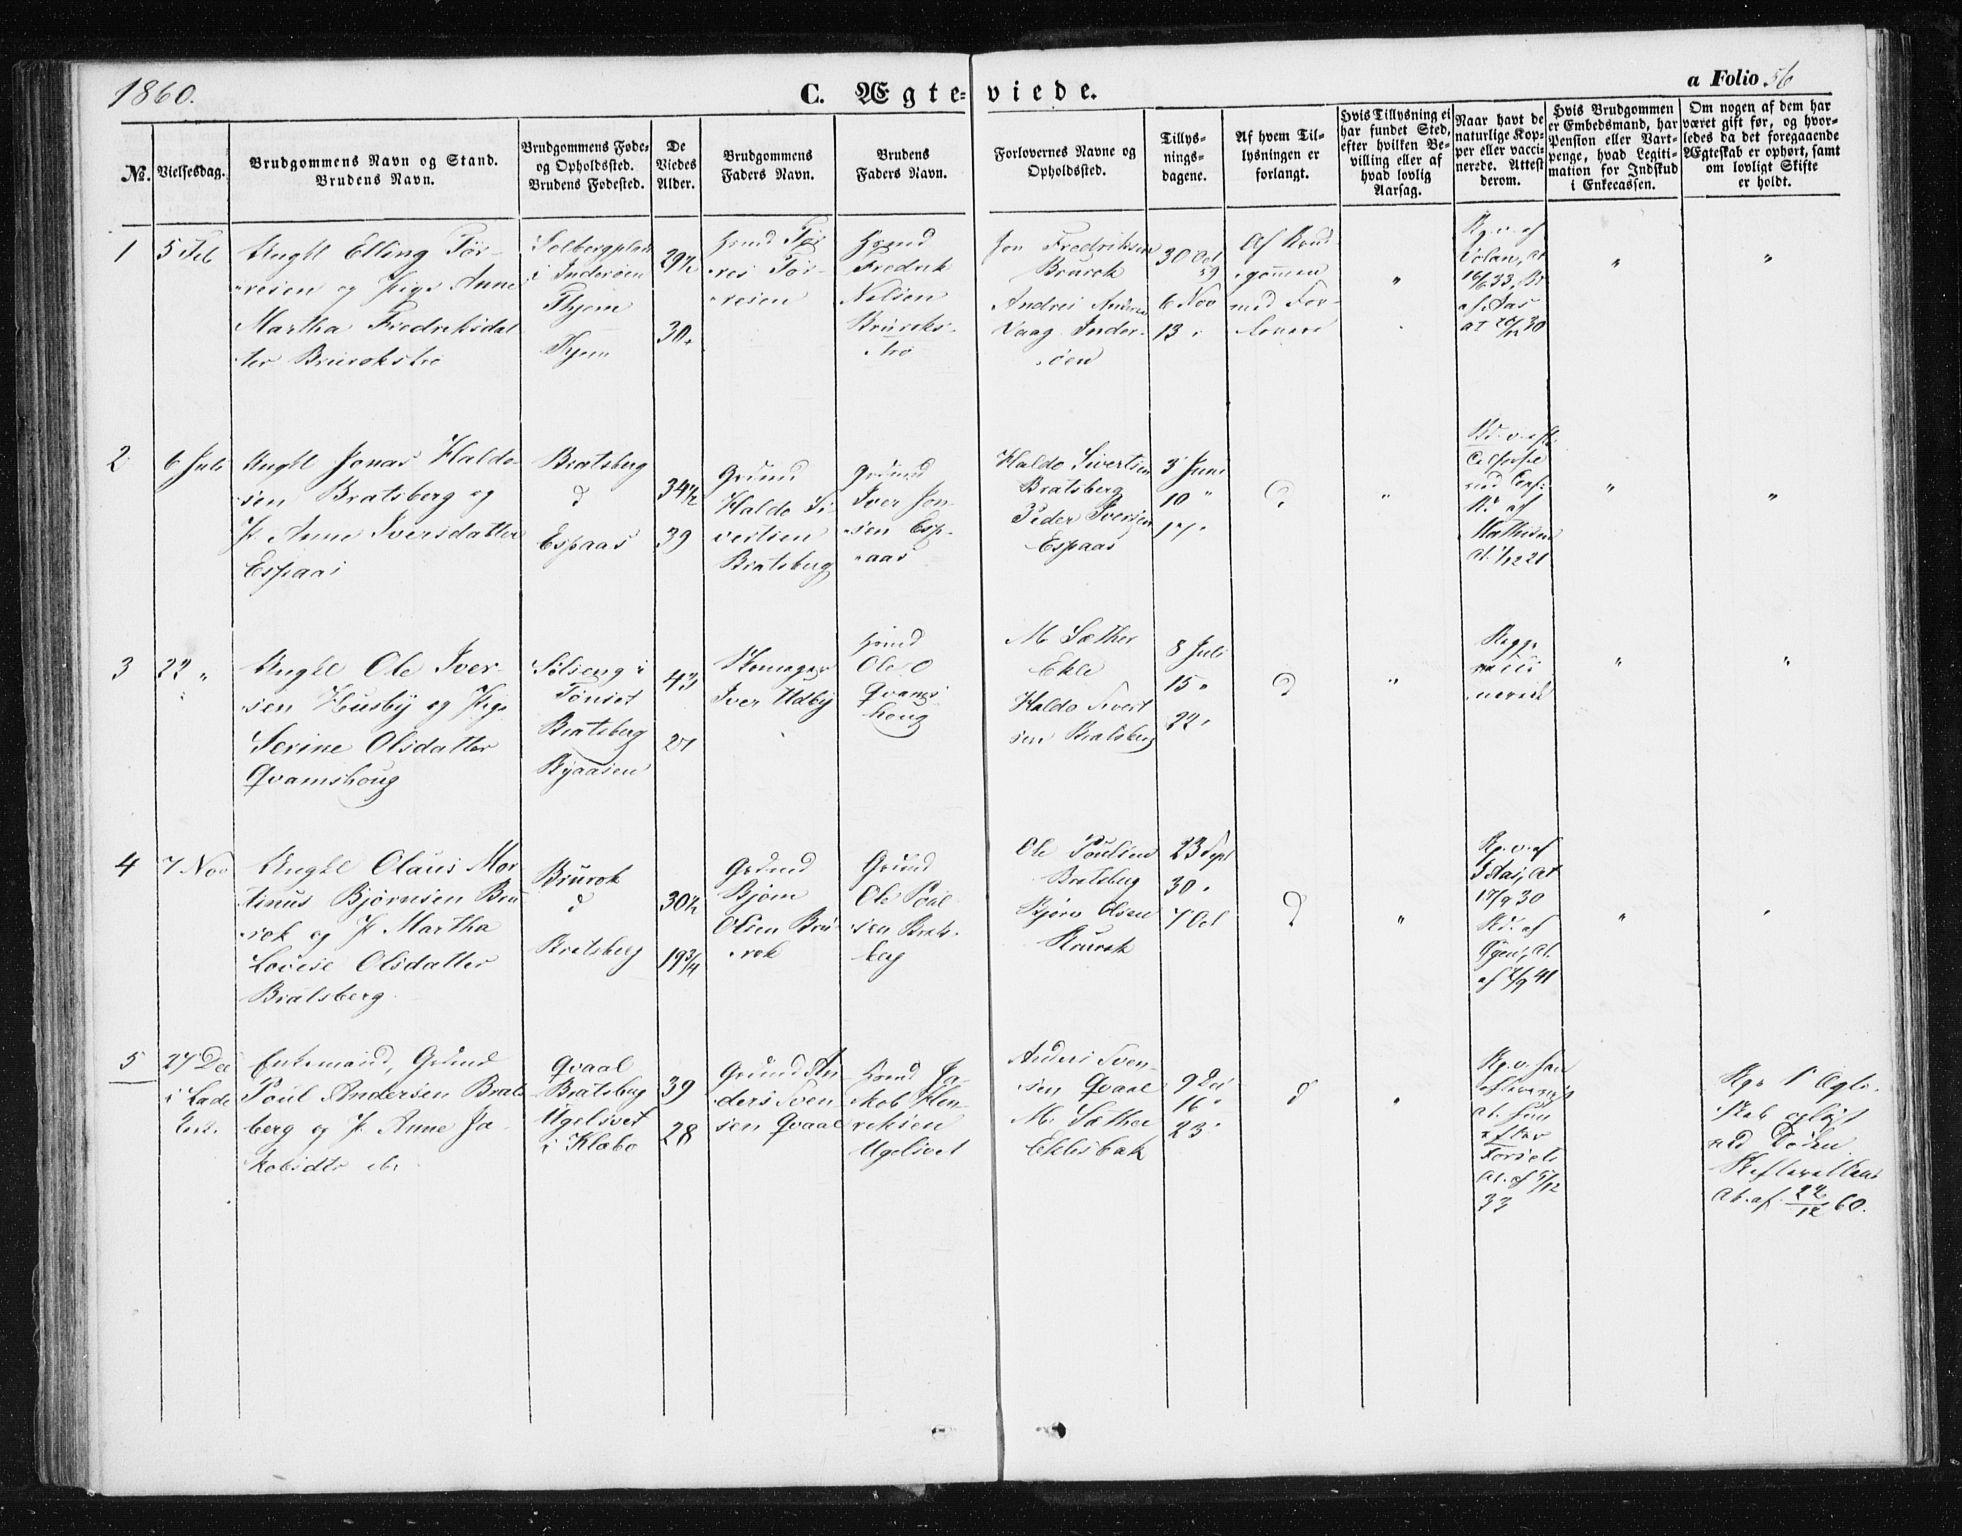 SAT, Ministerialprotokoller, klokkerbøker og fødselsregistre - Sør-Trøndelag, 608/L0332: Ministerialbok nr. 608A01, 1848-1861, s. 56